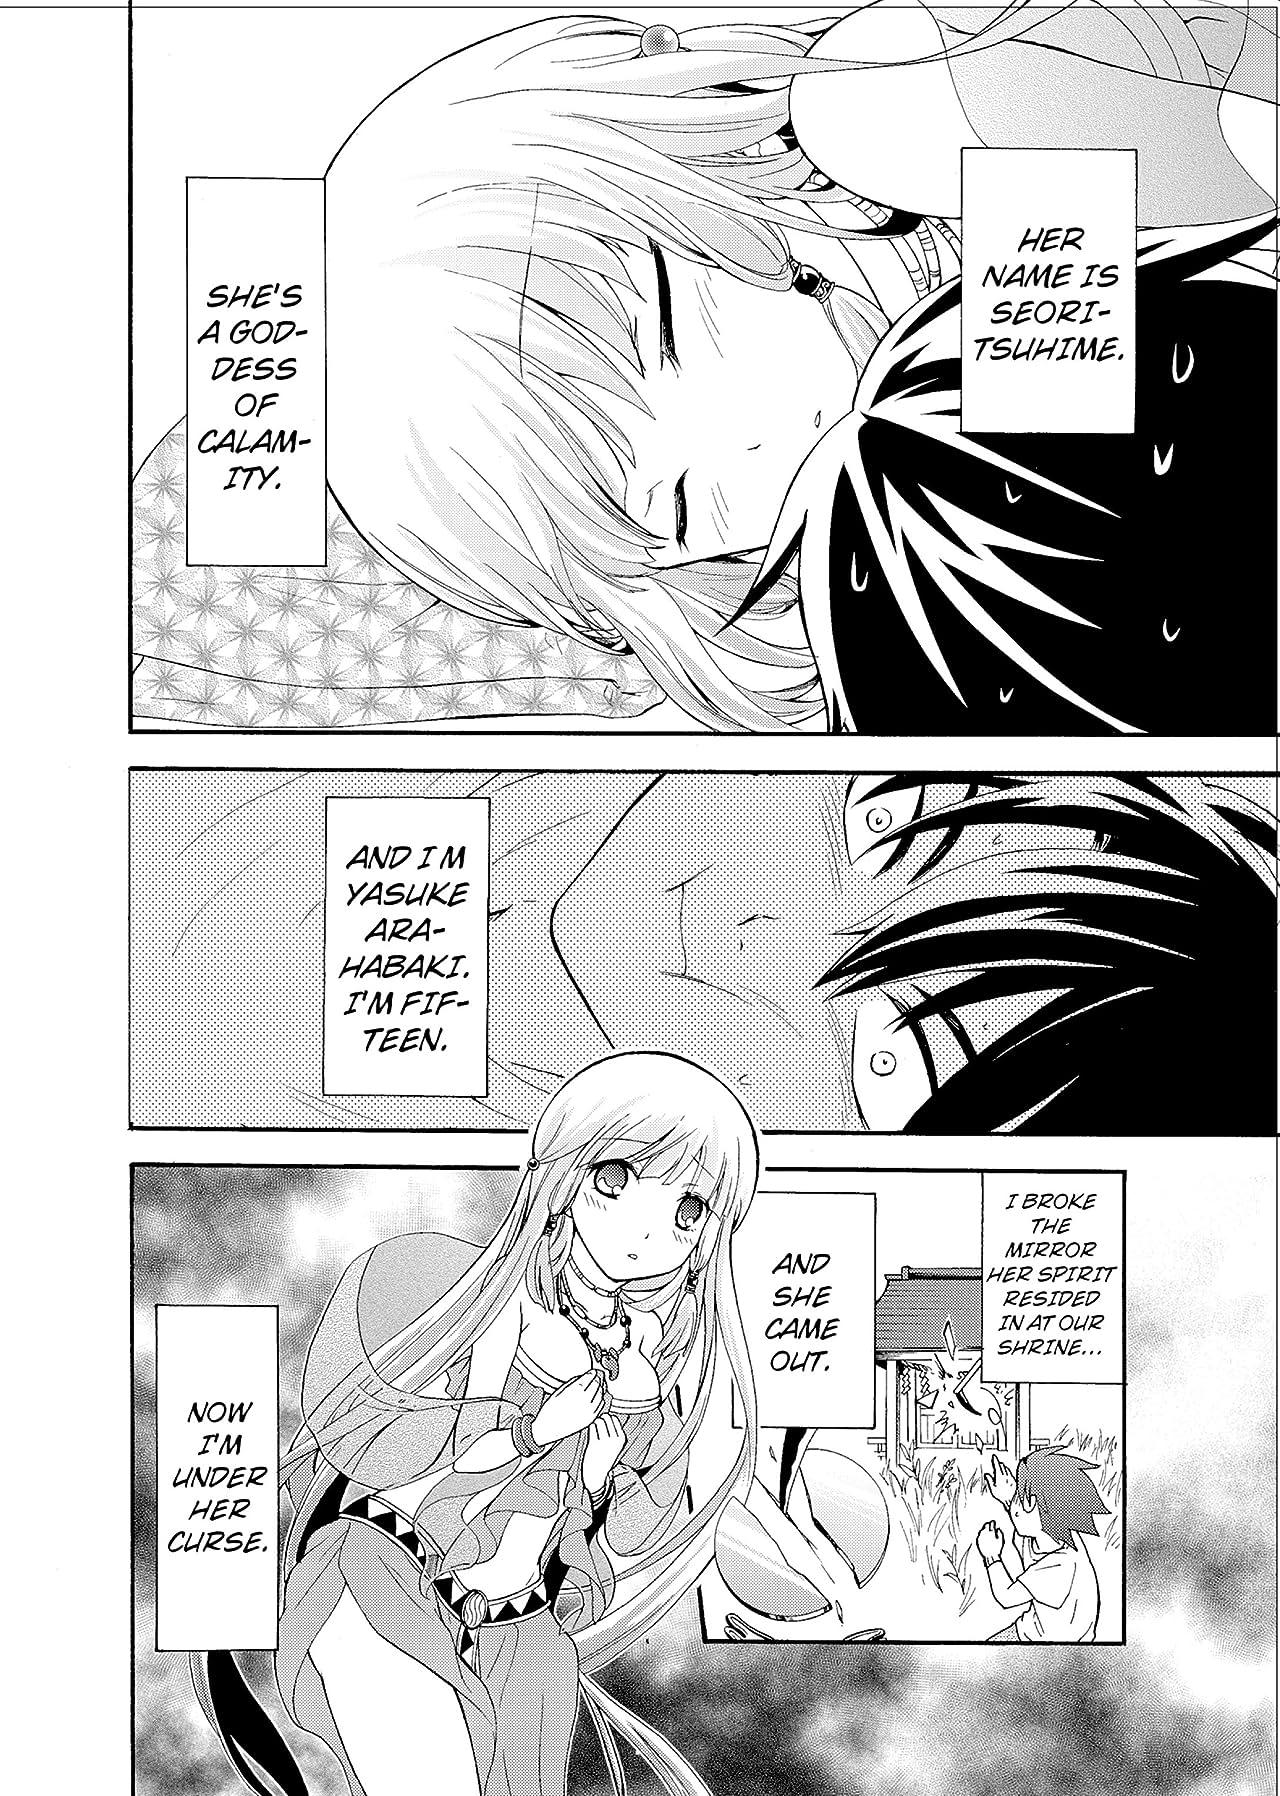 Maga-Tsuki #2